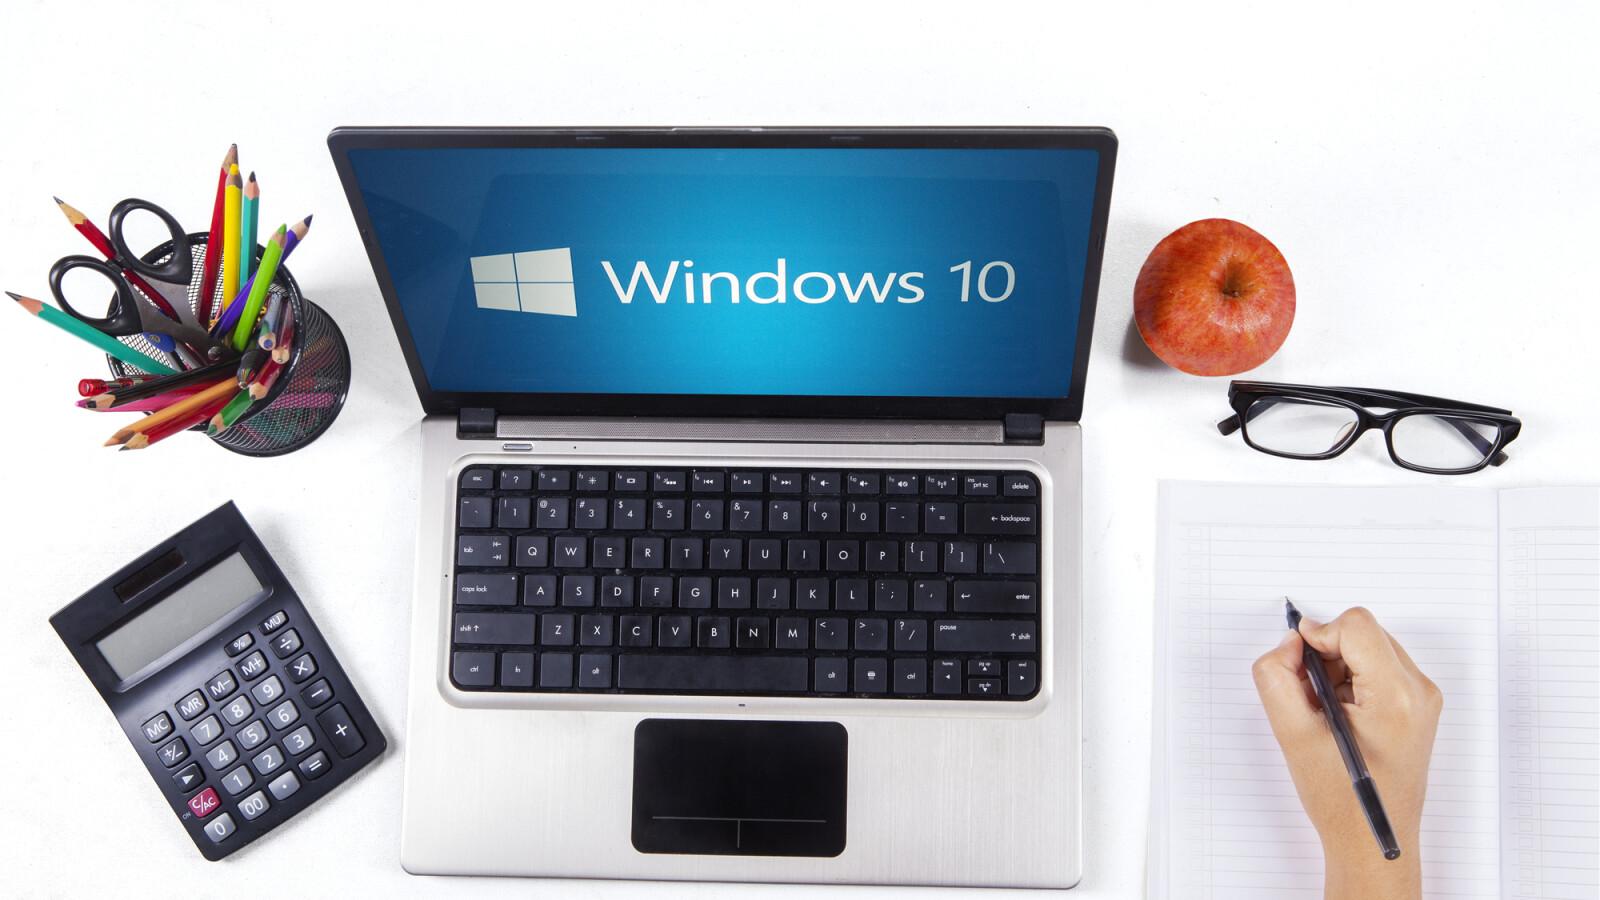 Windows 10: Microsoft stellt neues Startmenü vor